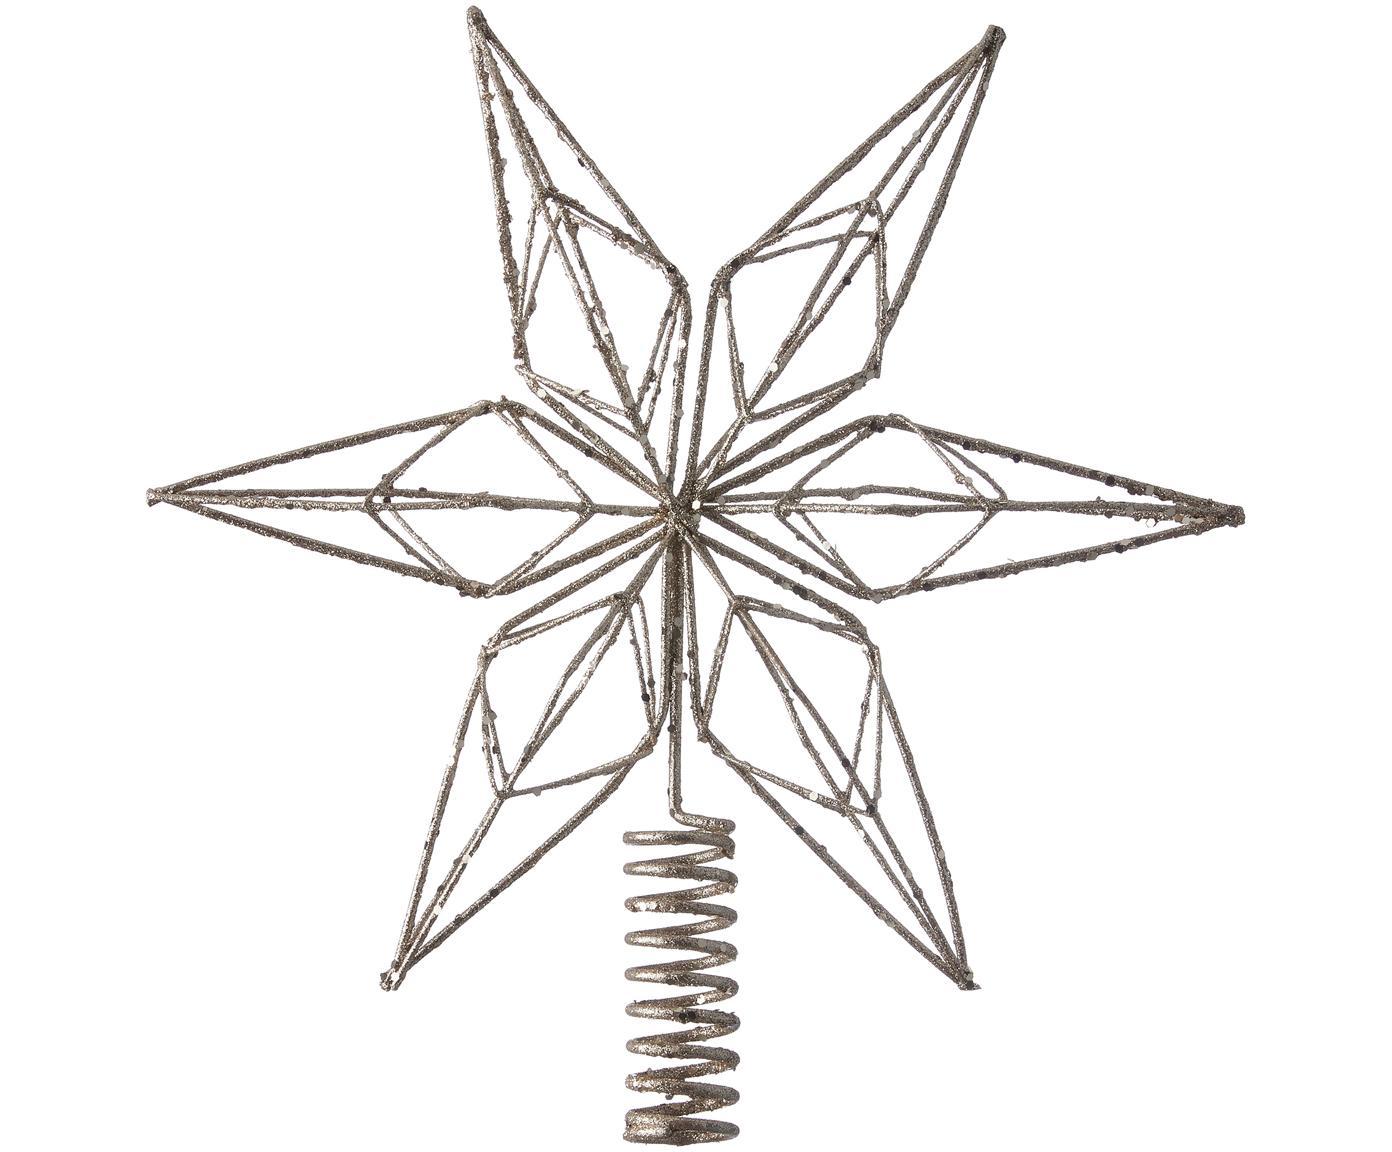 Estrella Árbol de Navidad Alivinne, Metal pintado, Latón, An 27 x Al 28 cm